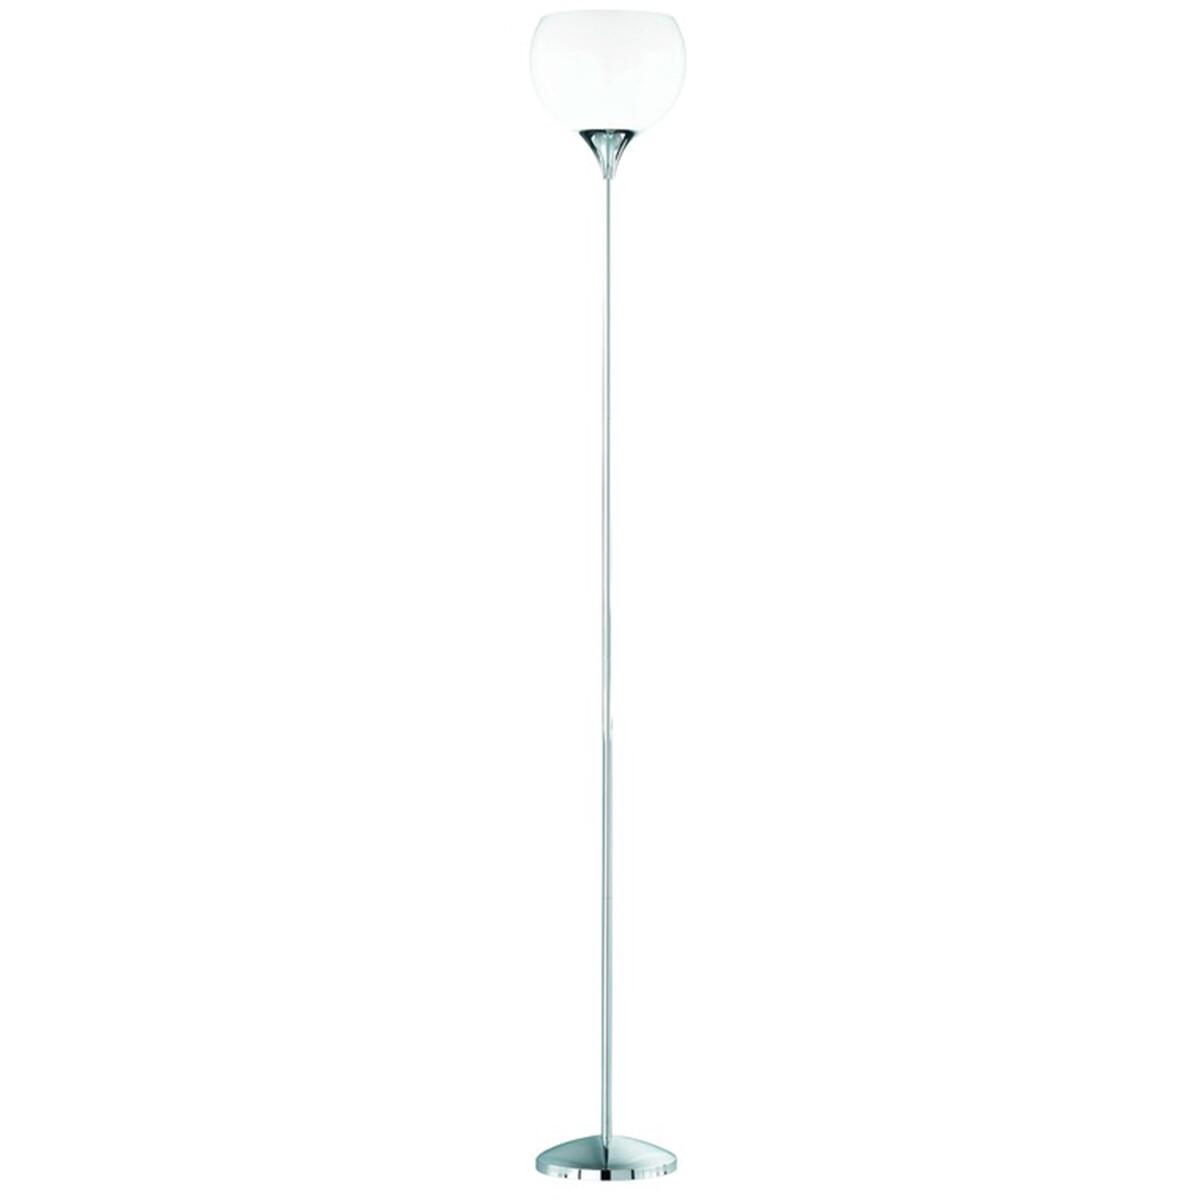 LED Vloerlamp - Trion Junios - E27 Fitting - Rond - Mat Chroom - Aluminium